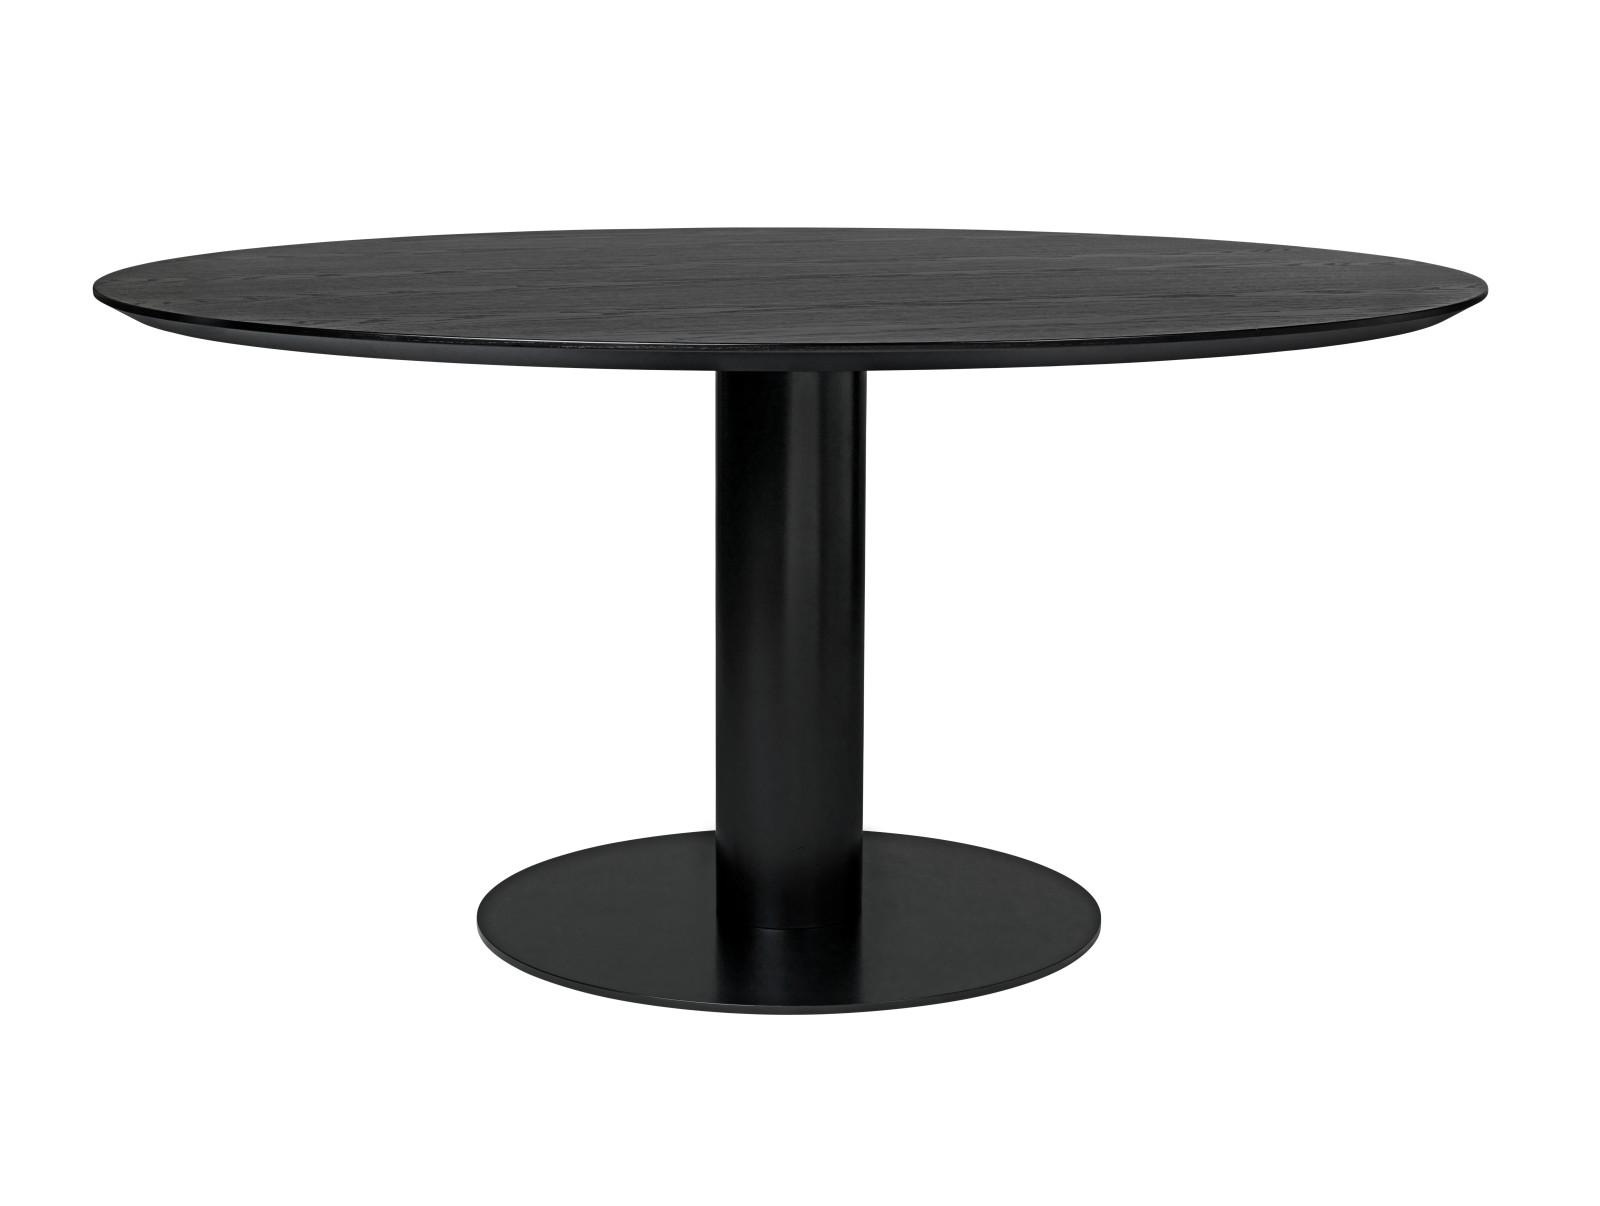 Gubi 2.0 Round Dining Table - Laminate Gubi Metal Black, Gubi Laminate Black, 0130